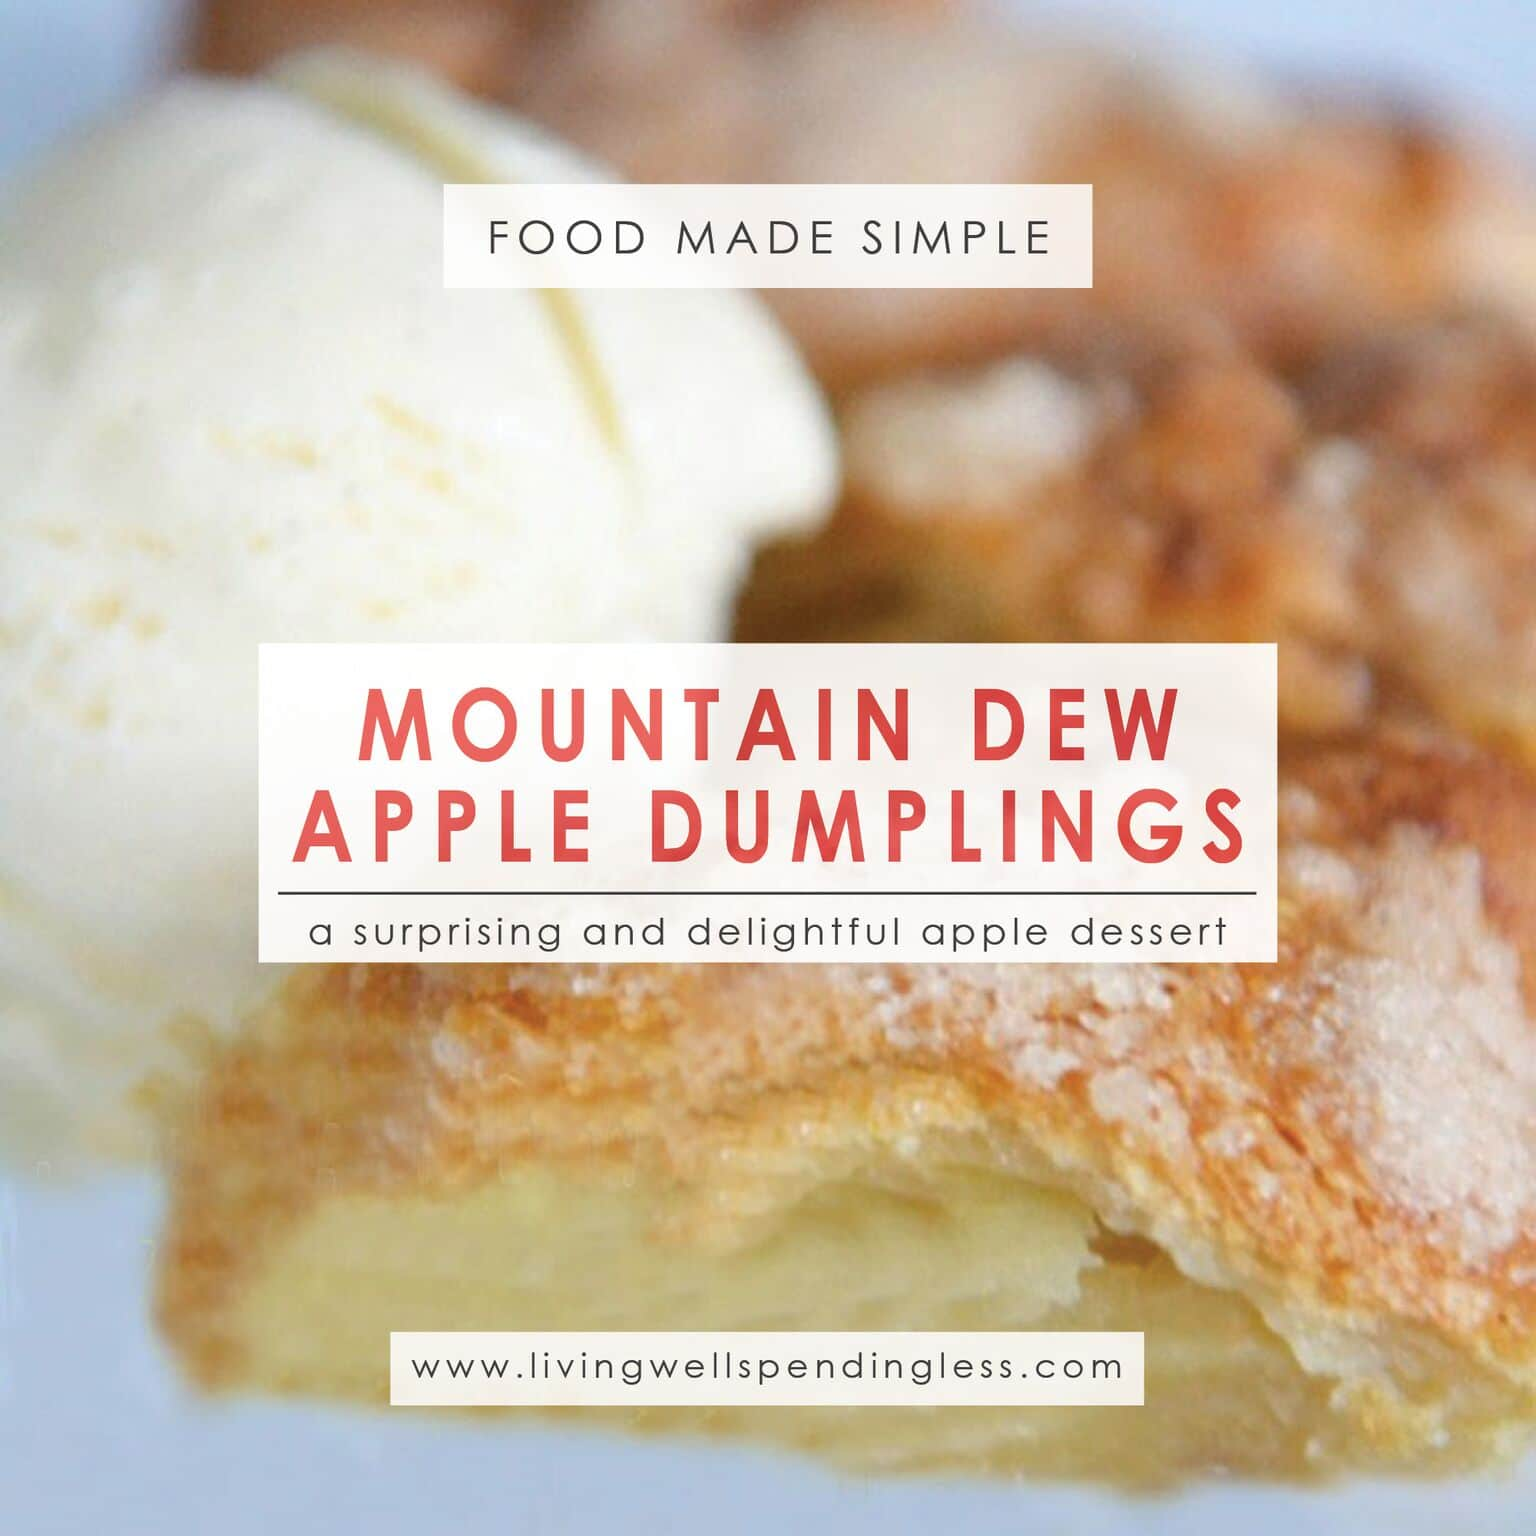 Mountain Dew Apple Dumplings   Apple Dumplings Recipe   Apple Dumplings   Easy Dumplings Recipe